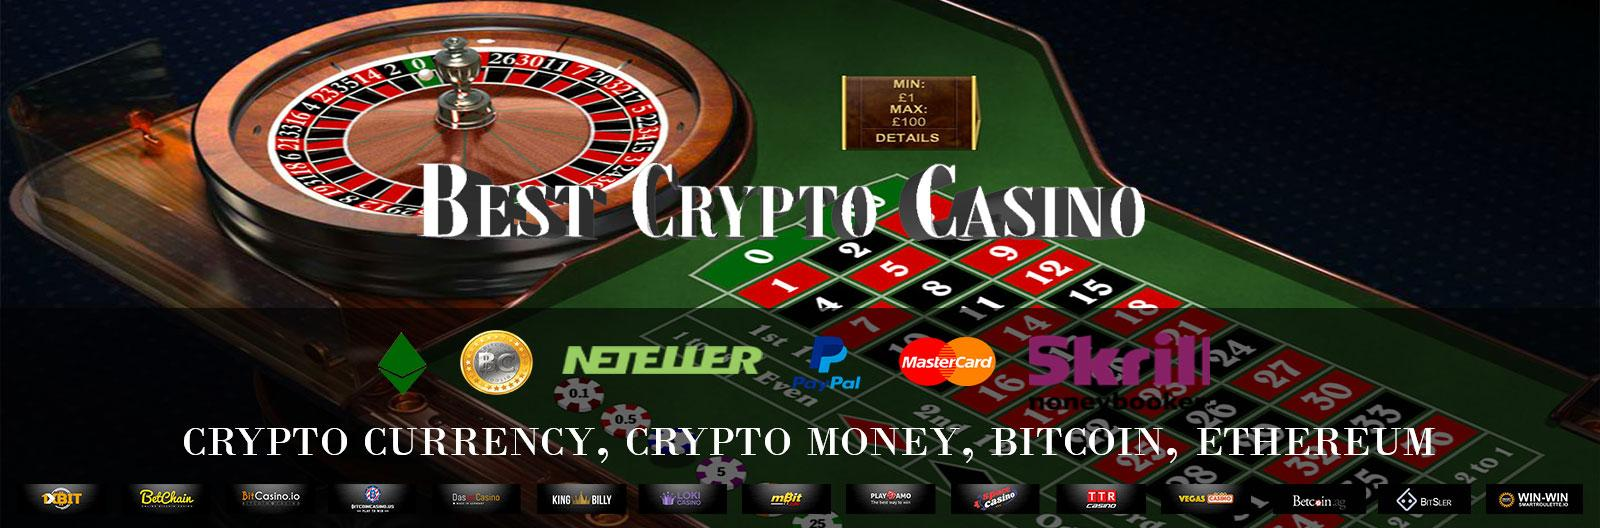 Casino in georgia